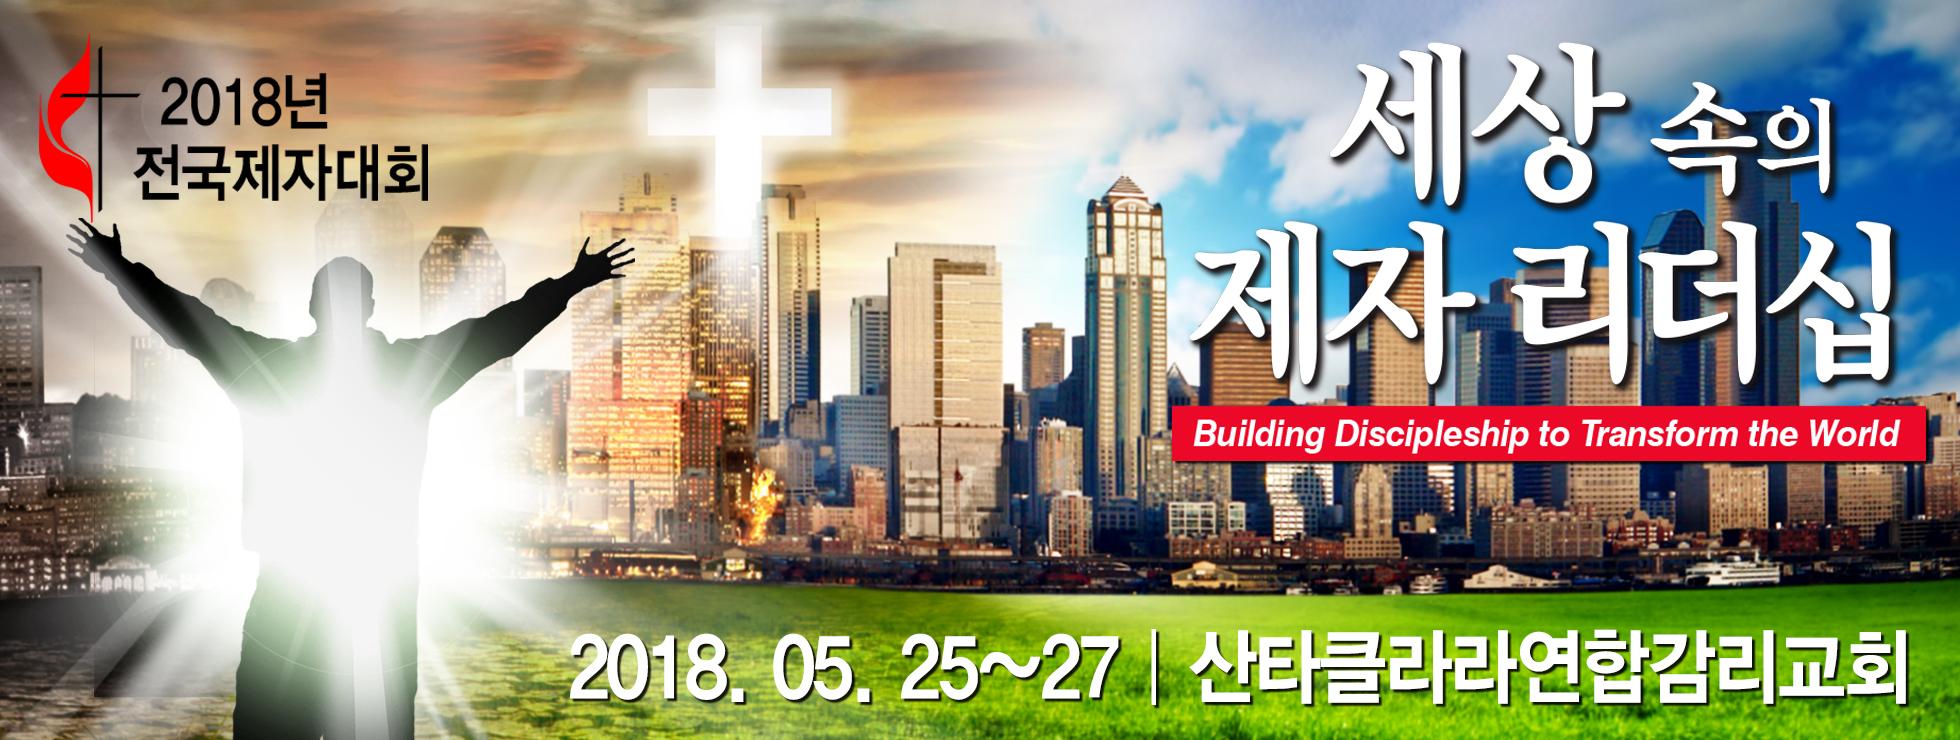 2018 전국제자대회